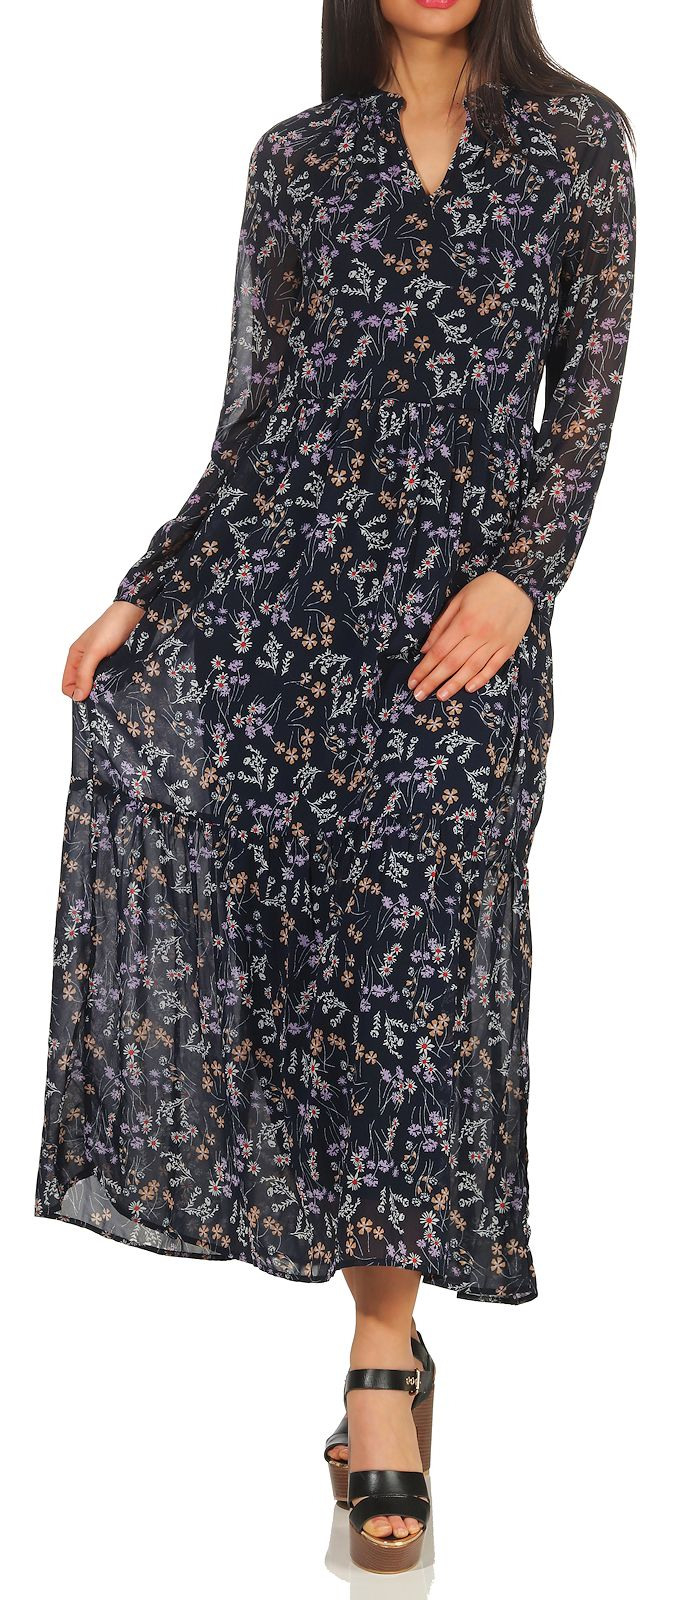 10 Ausgezeichnet Vero Moda Abendkleider SpezialgebietDesigner Fantastisch Vero Moda Abendkleider Bester Preis